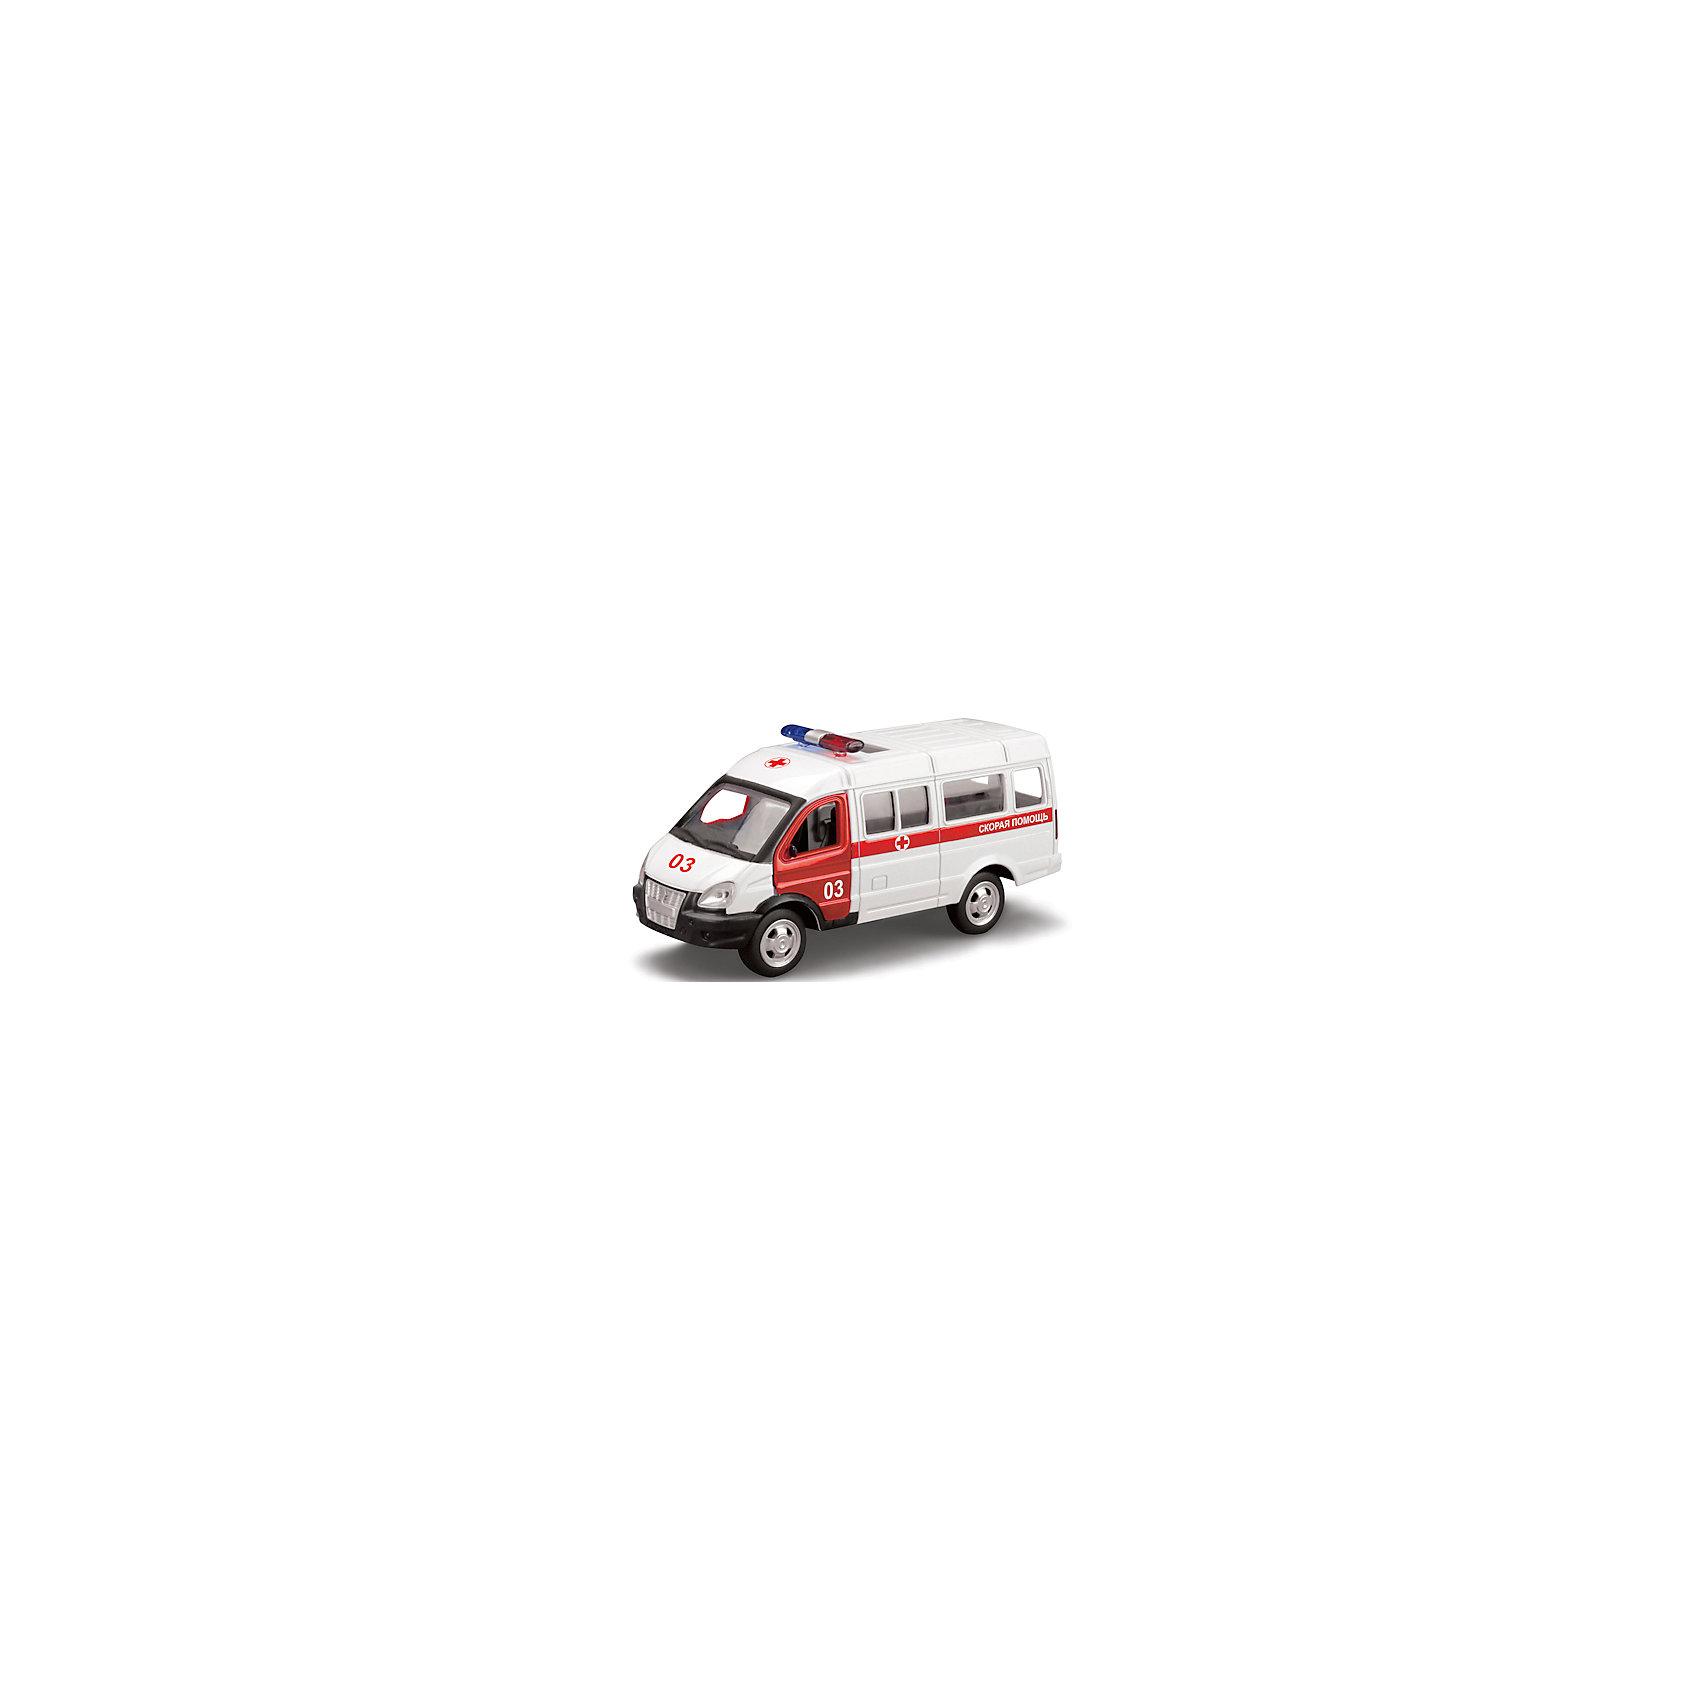 ТЕХНОПАРК Машина Газель Скорая помощь, открыв.двери, инерц., ТЕХНОПАРК технопарк машина технопарк волга 21